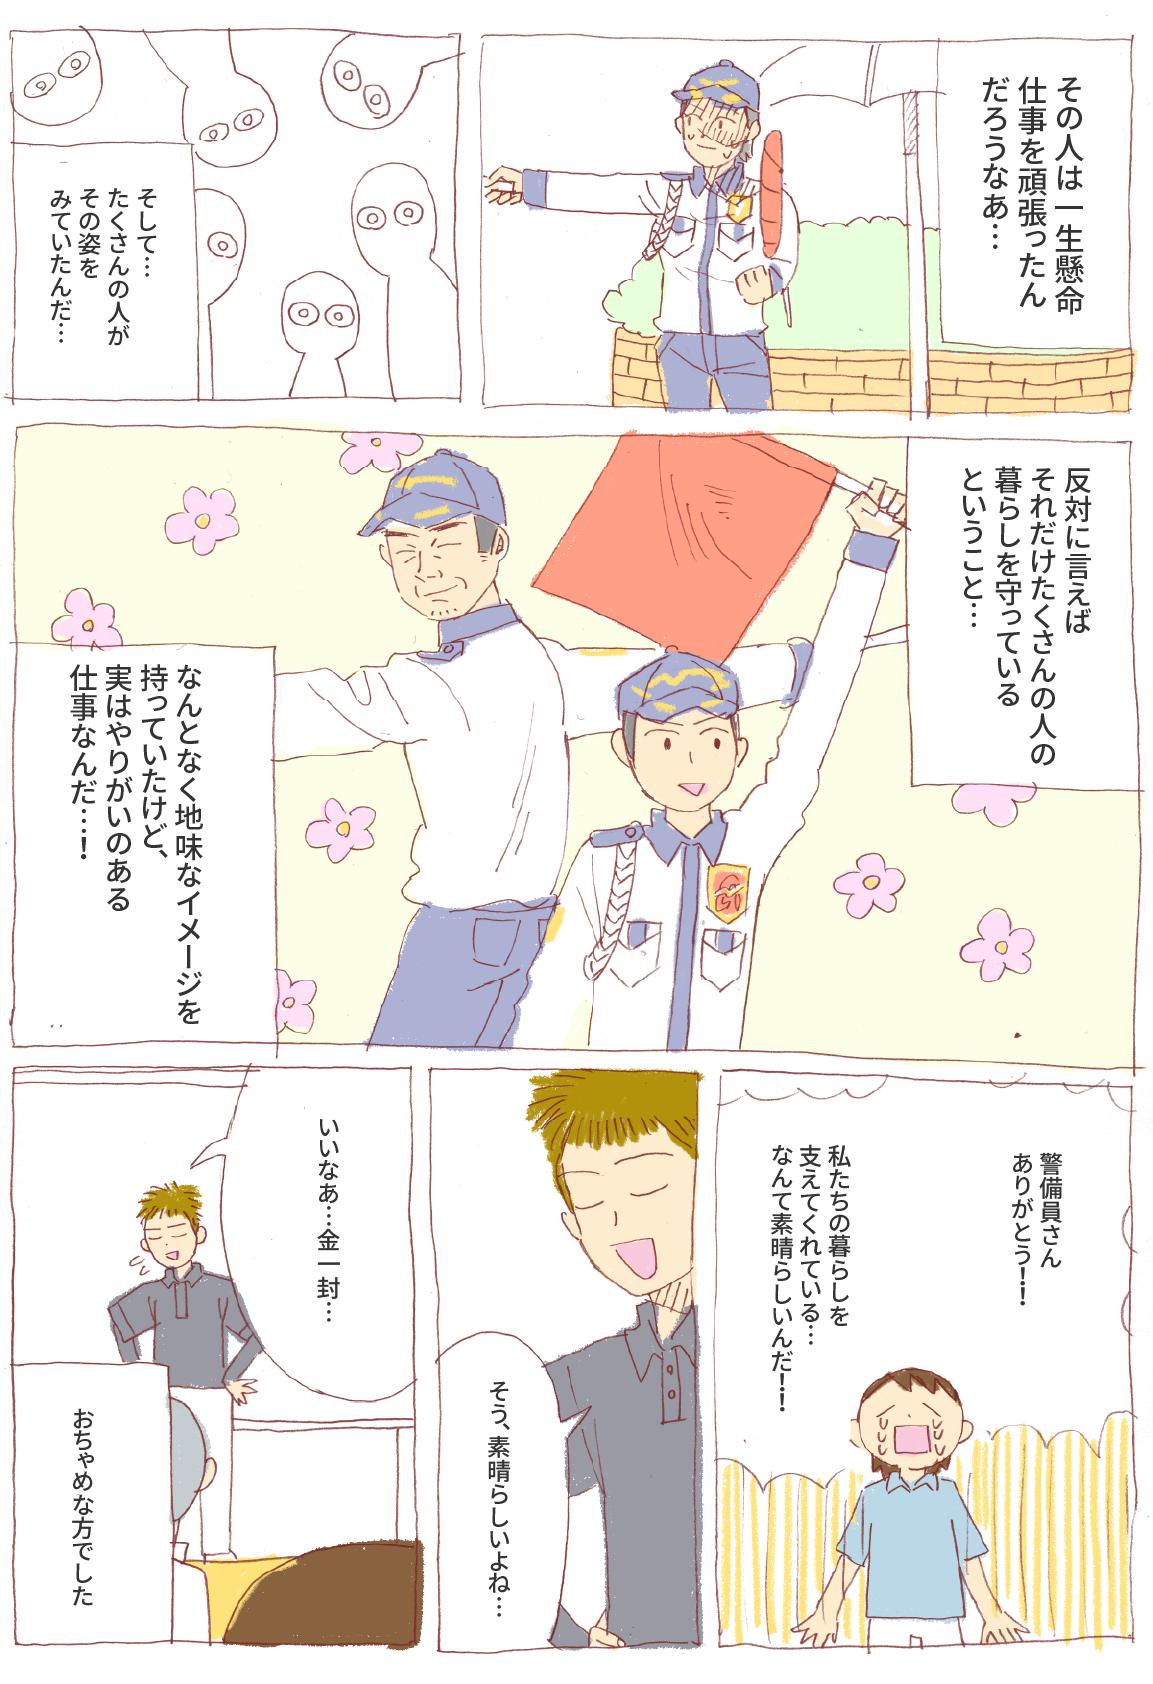 警備会社の研修体験記3